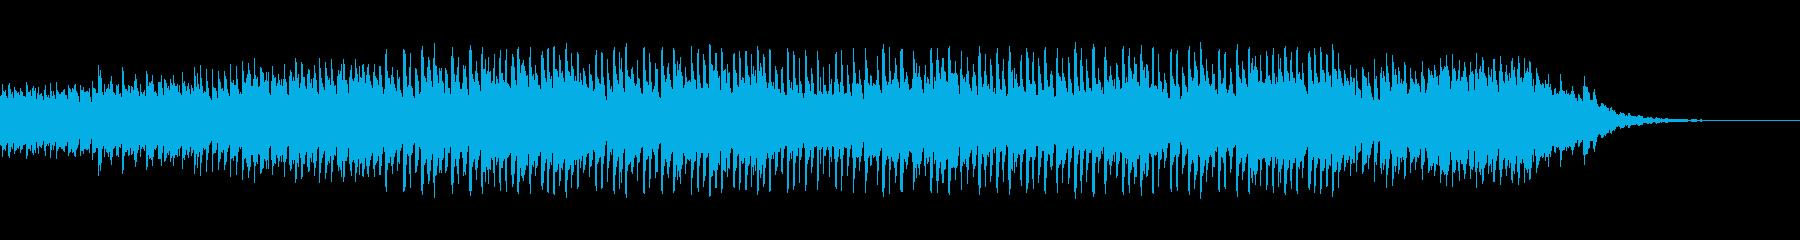 なめらかでシリアスな雰囲気のメロディーの再生済みの波形